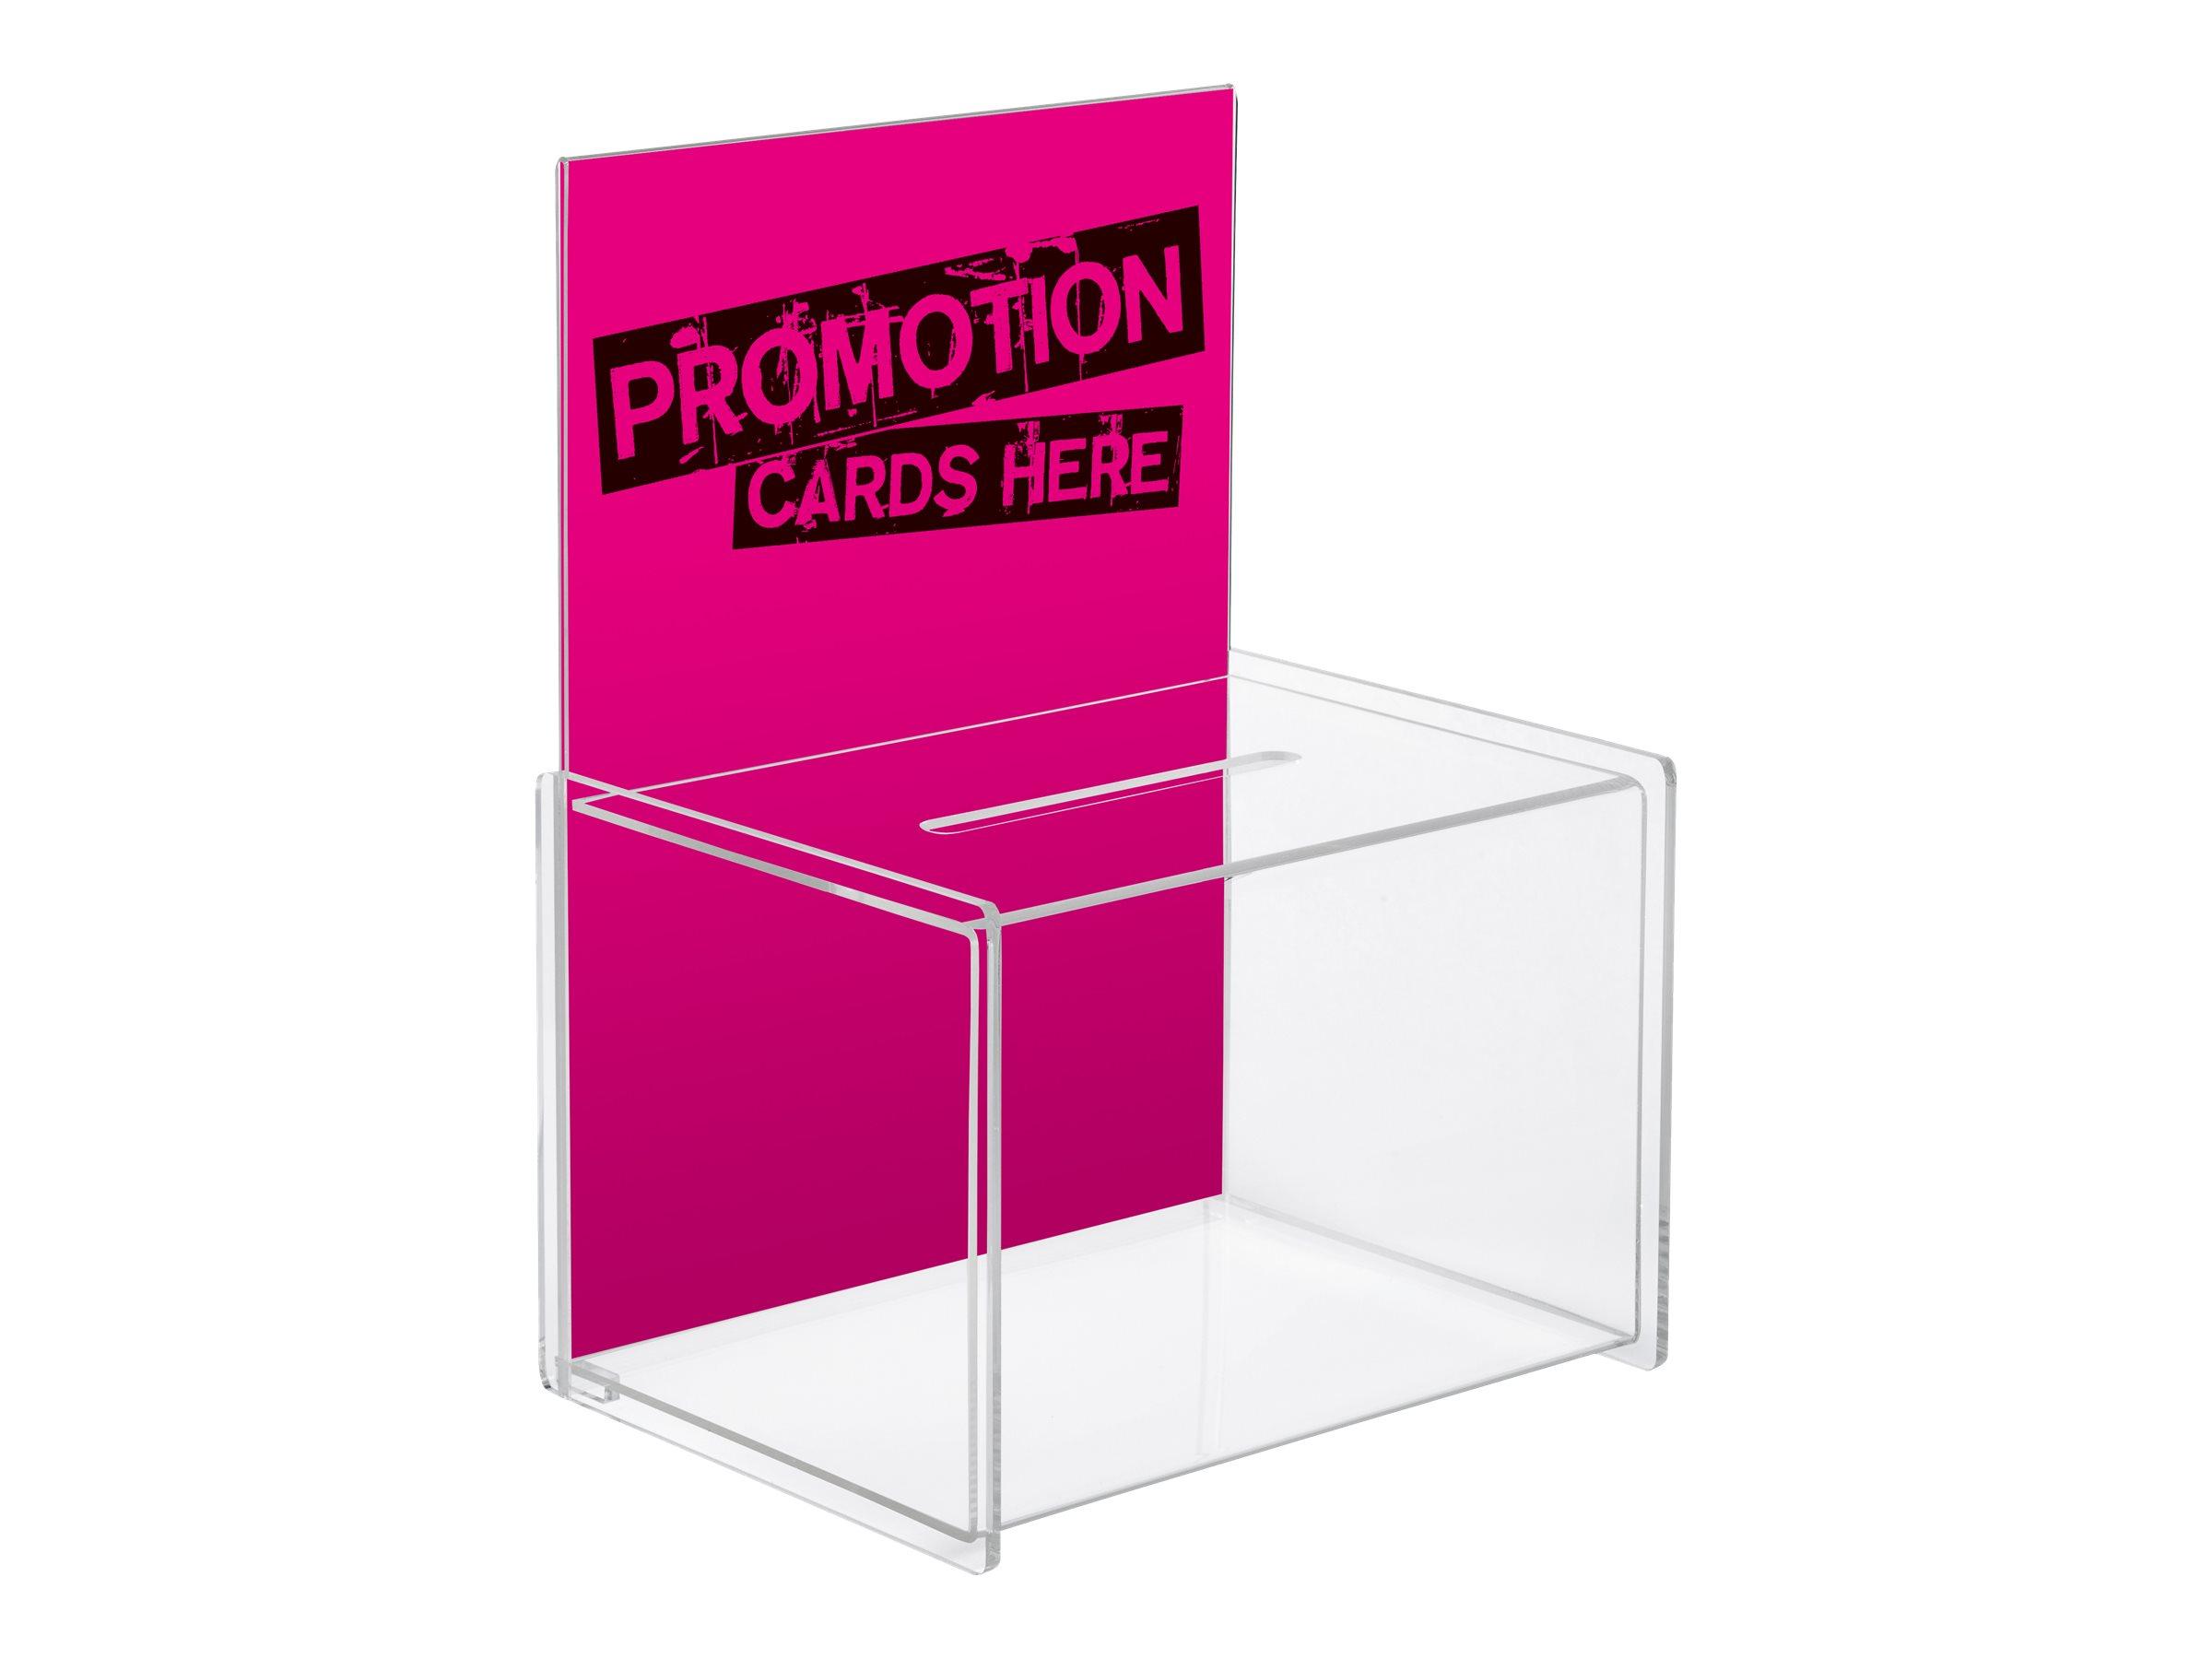 Sigel Promotional Box - Sammelbox - Acryl - klar